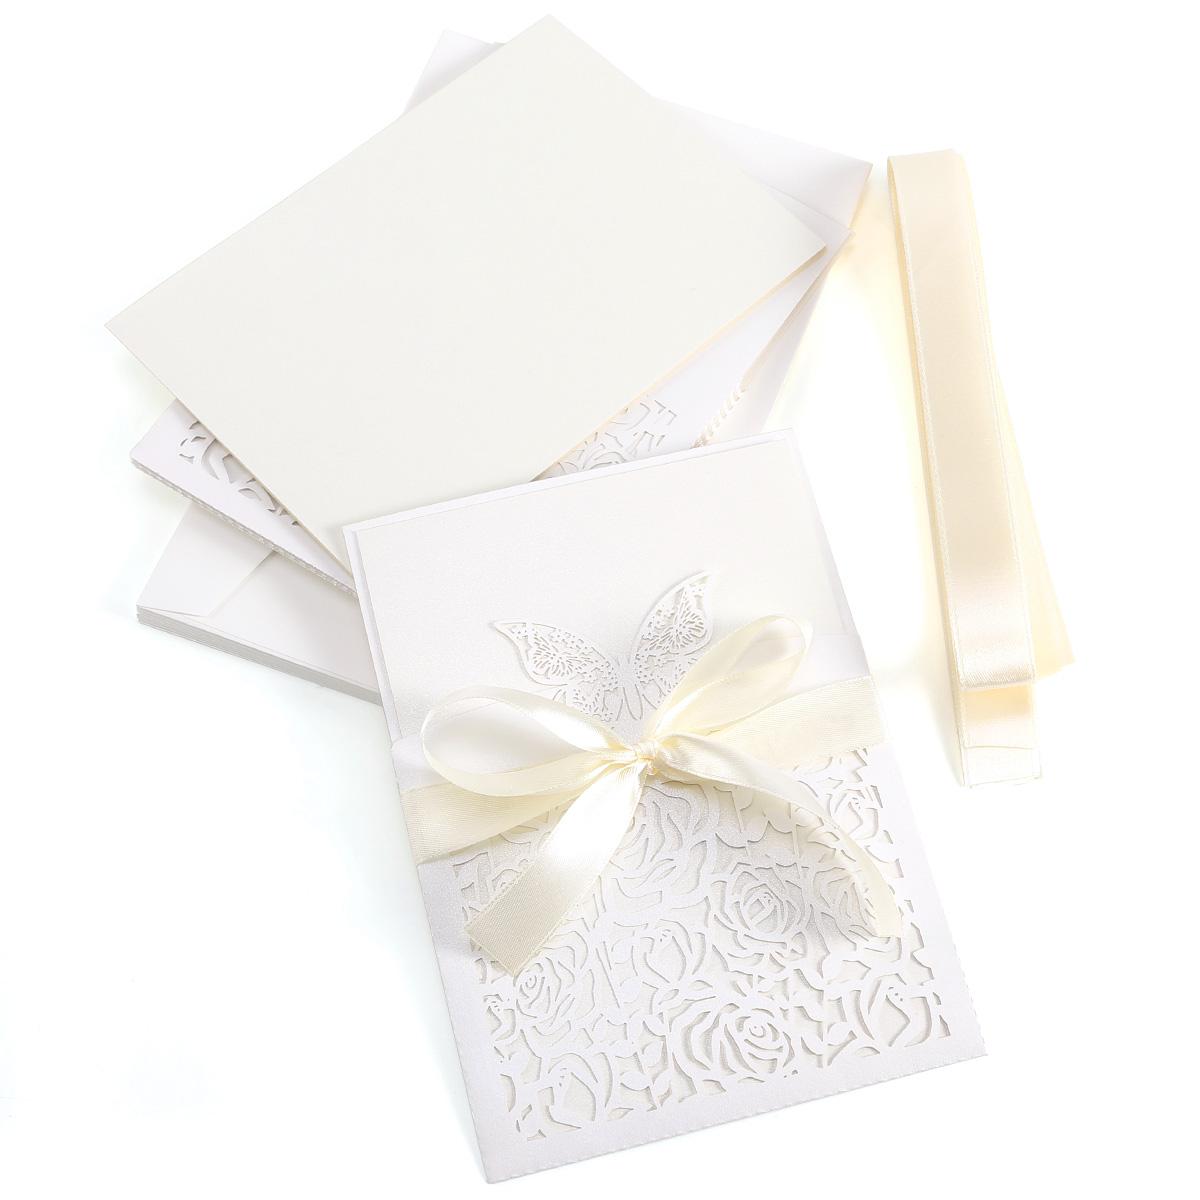 Matrimonio Regalo In Busta : Pz inviti vuoto busta nastro partecipazioni per